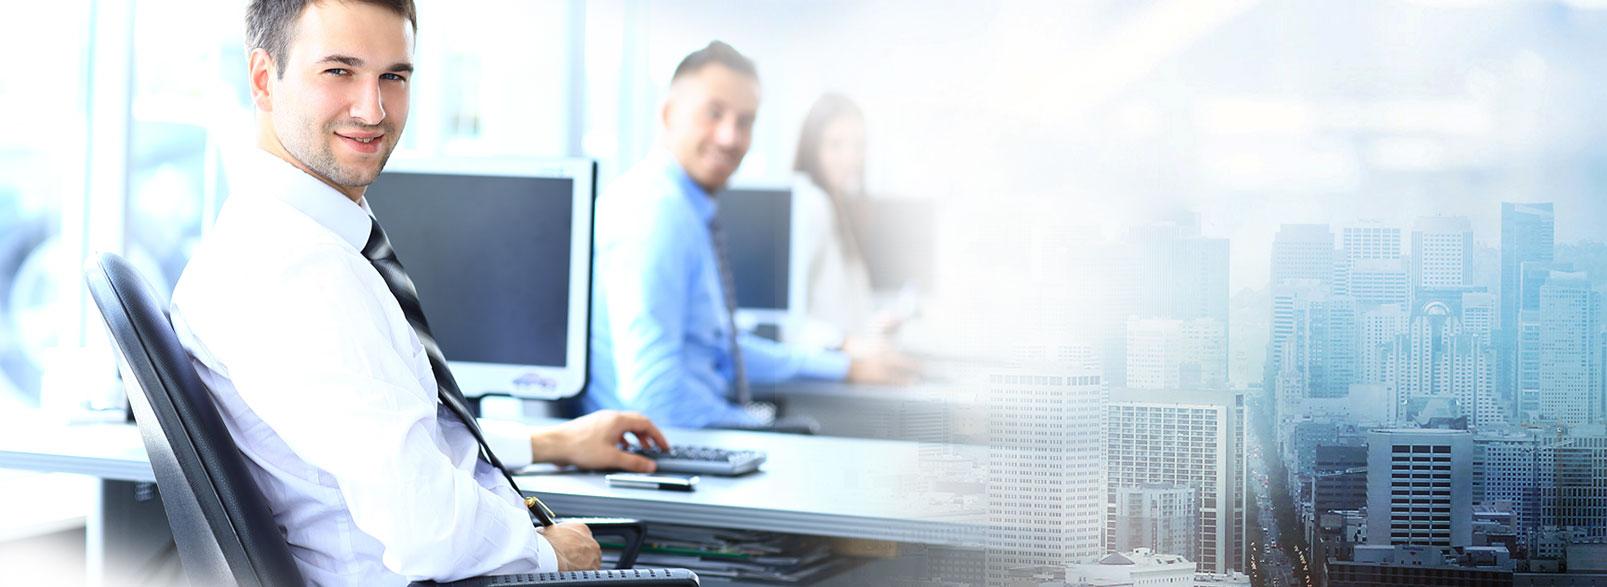 ما برای تعاملات دیجیتالی سازمان شما راه حل سریع و کارآمد طراحی میکنیم.